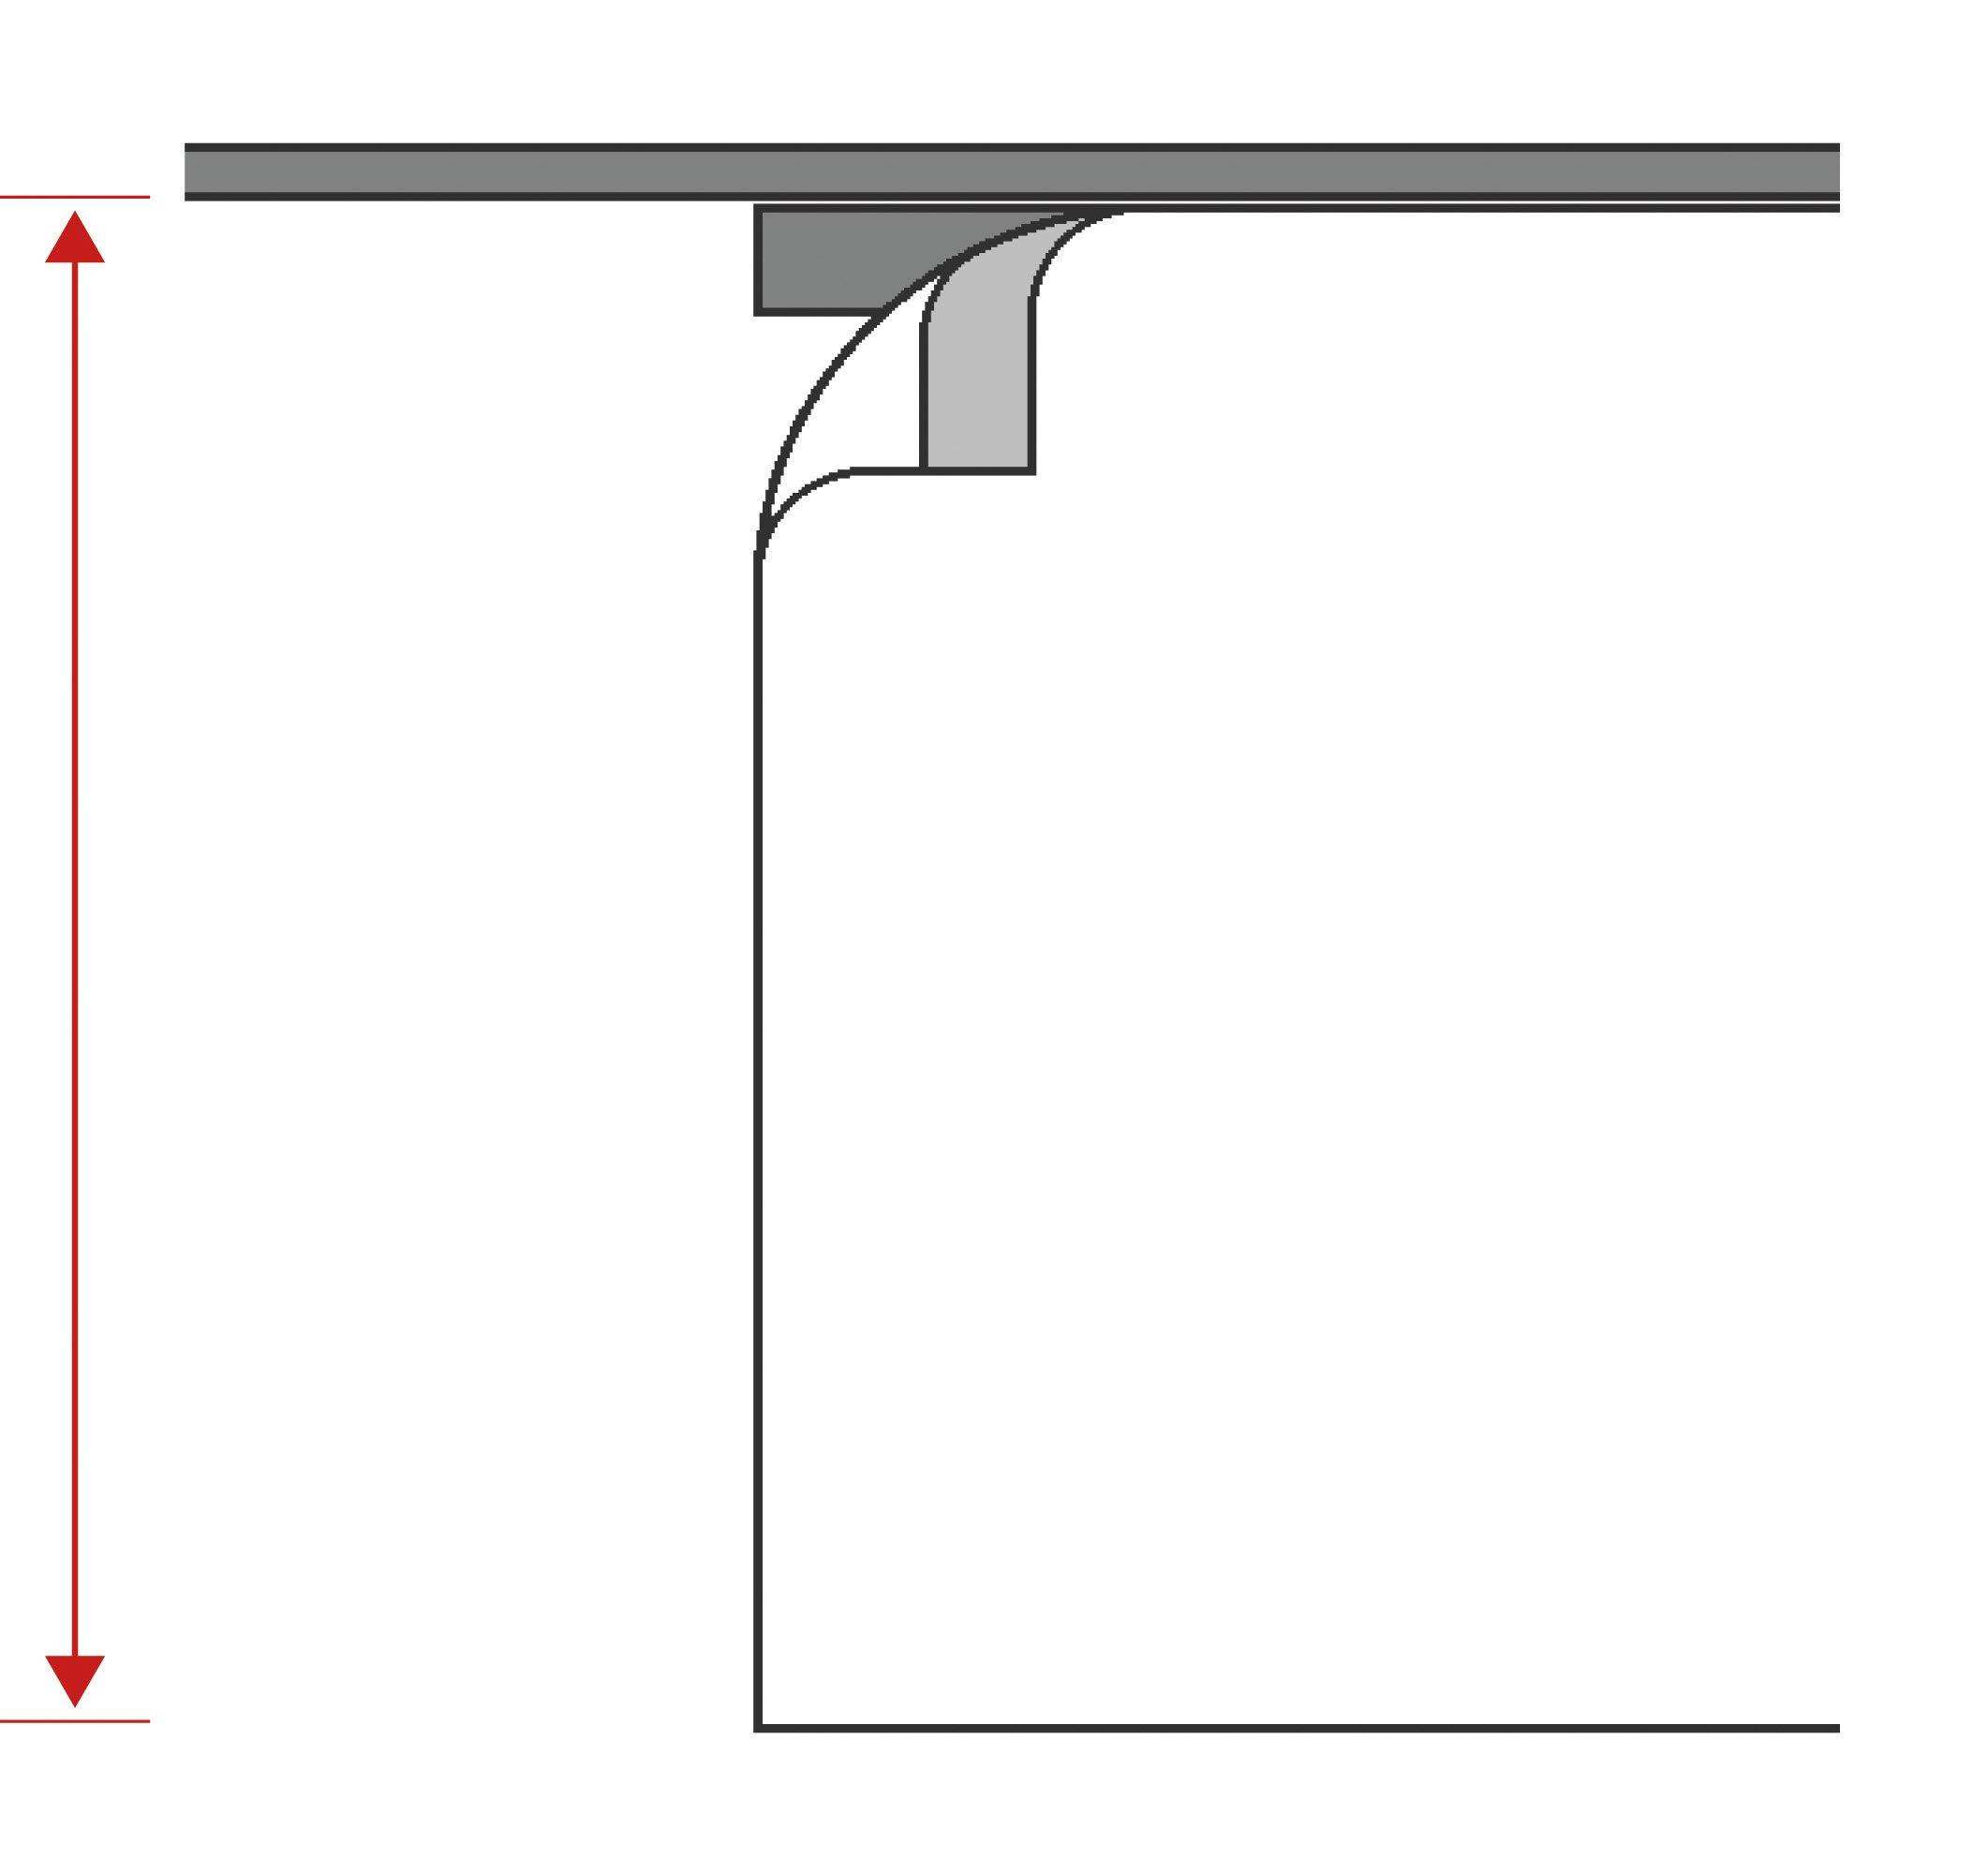 Schiebevorhang mit Alupaneelwagen CARLINA-S-60 grau